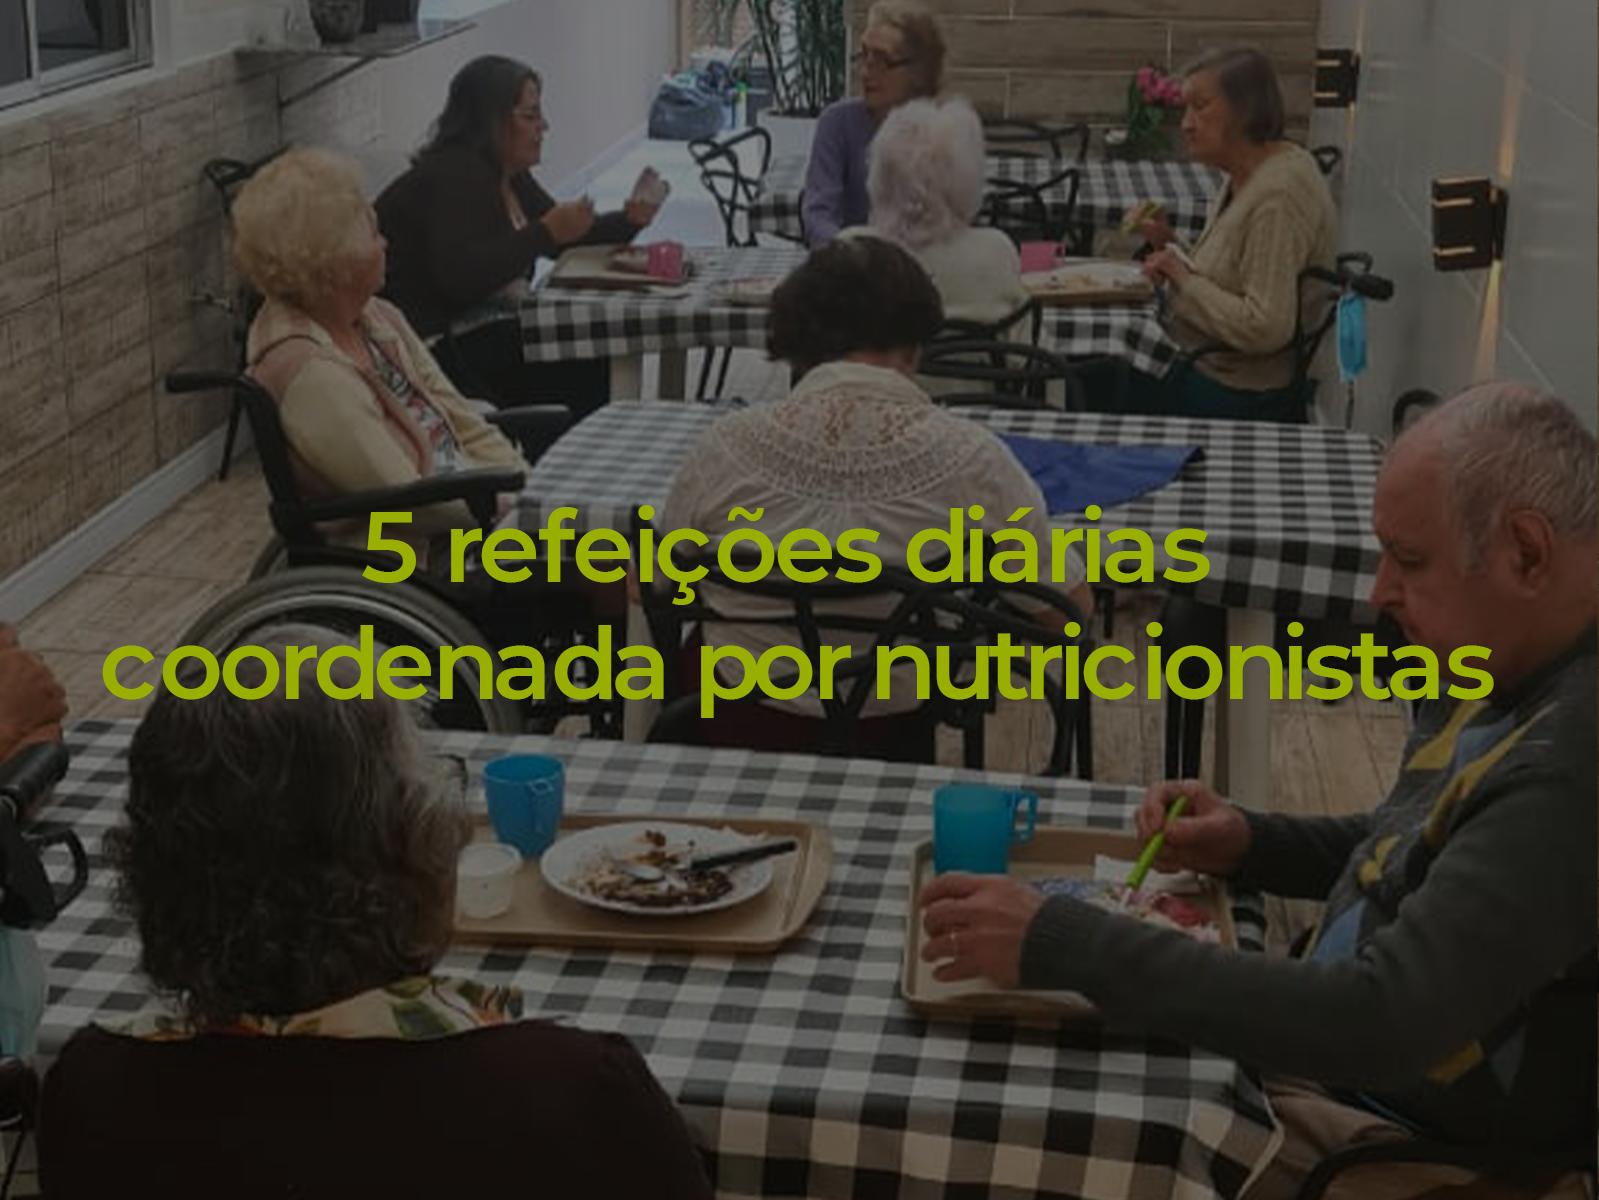 5-refeicoes-diarias